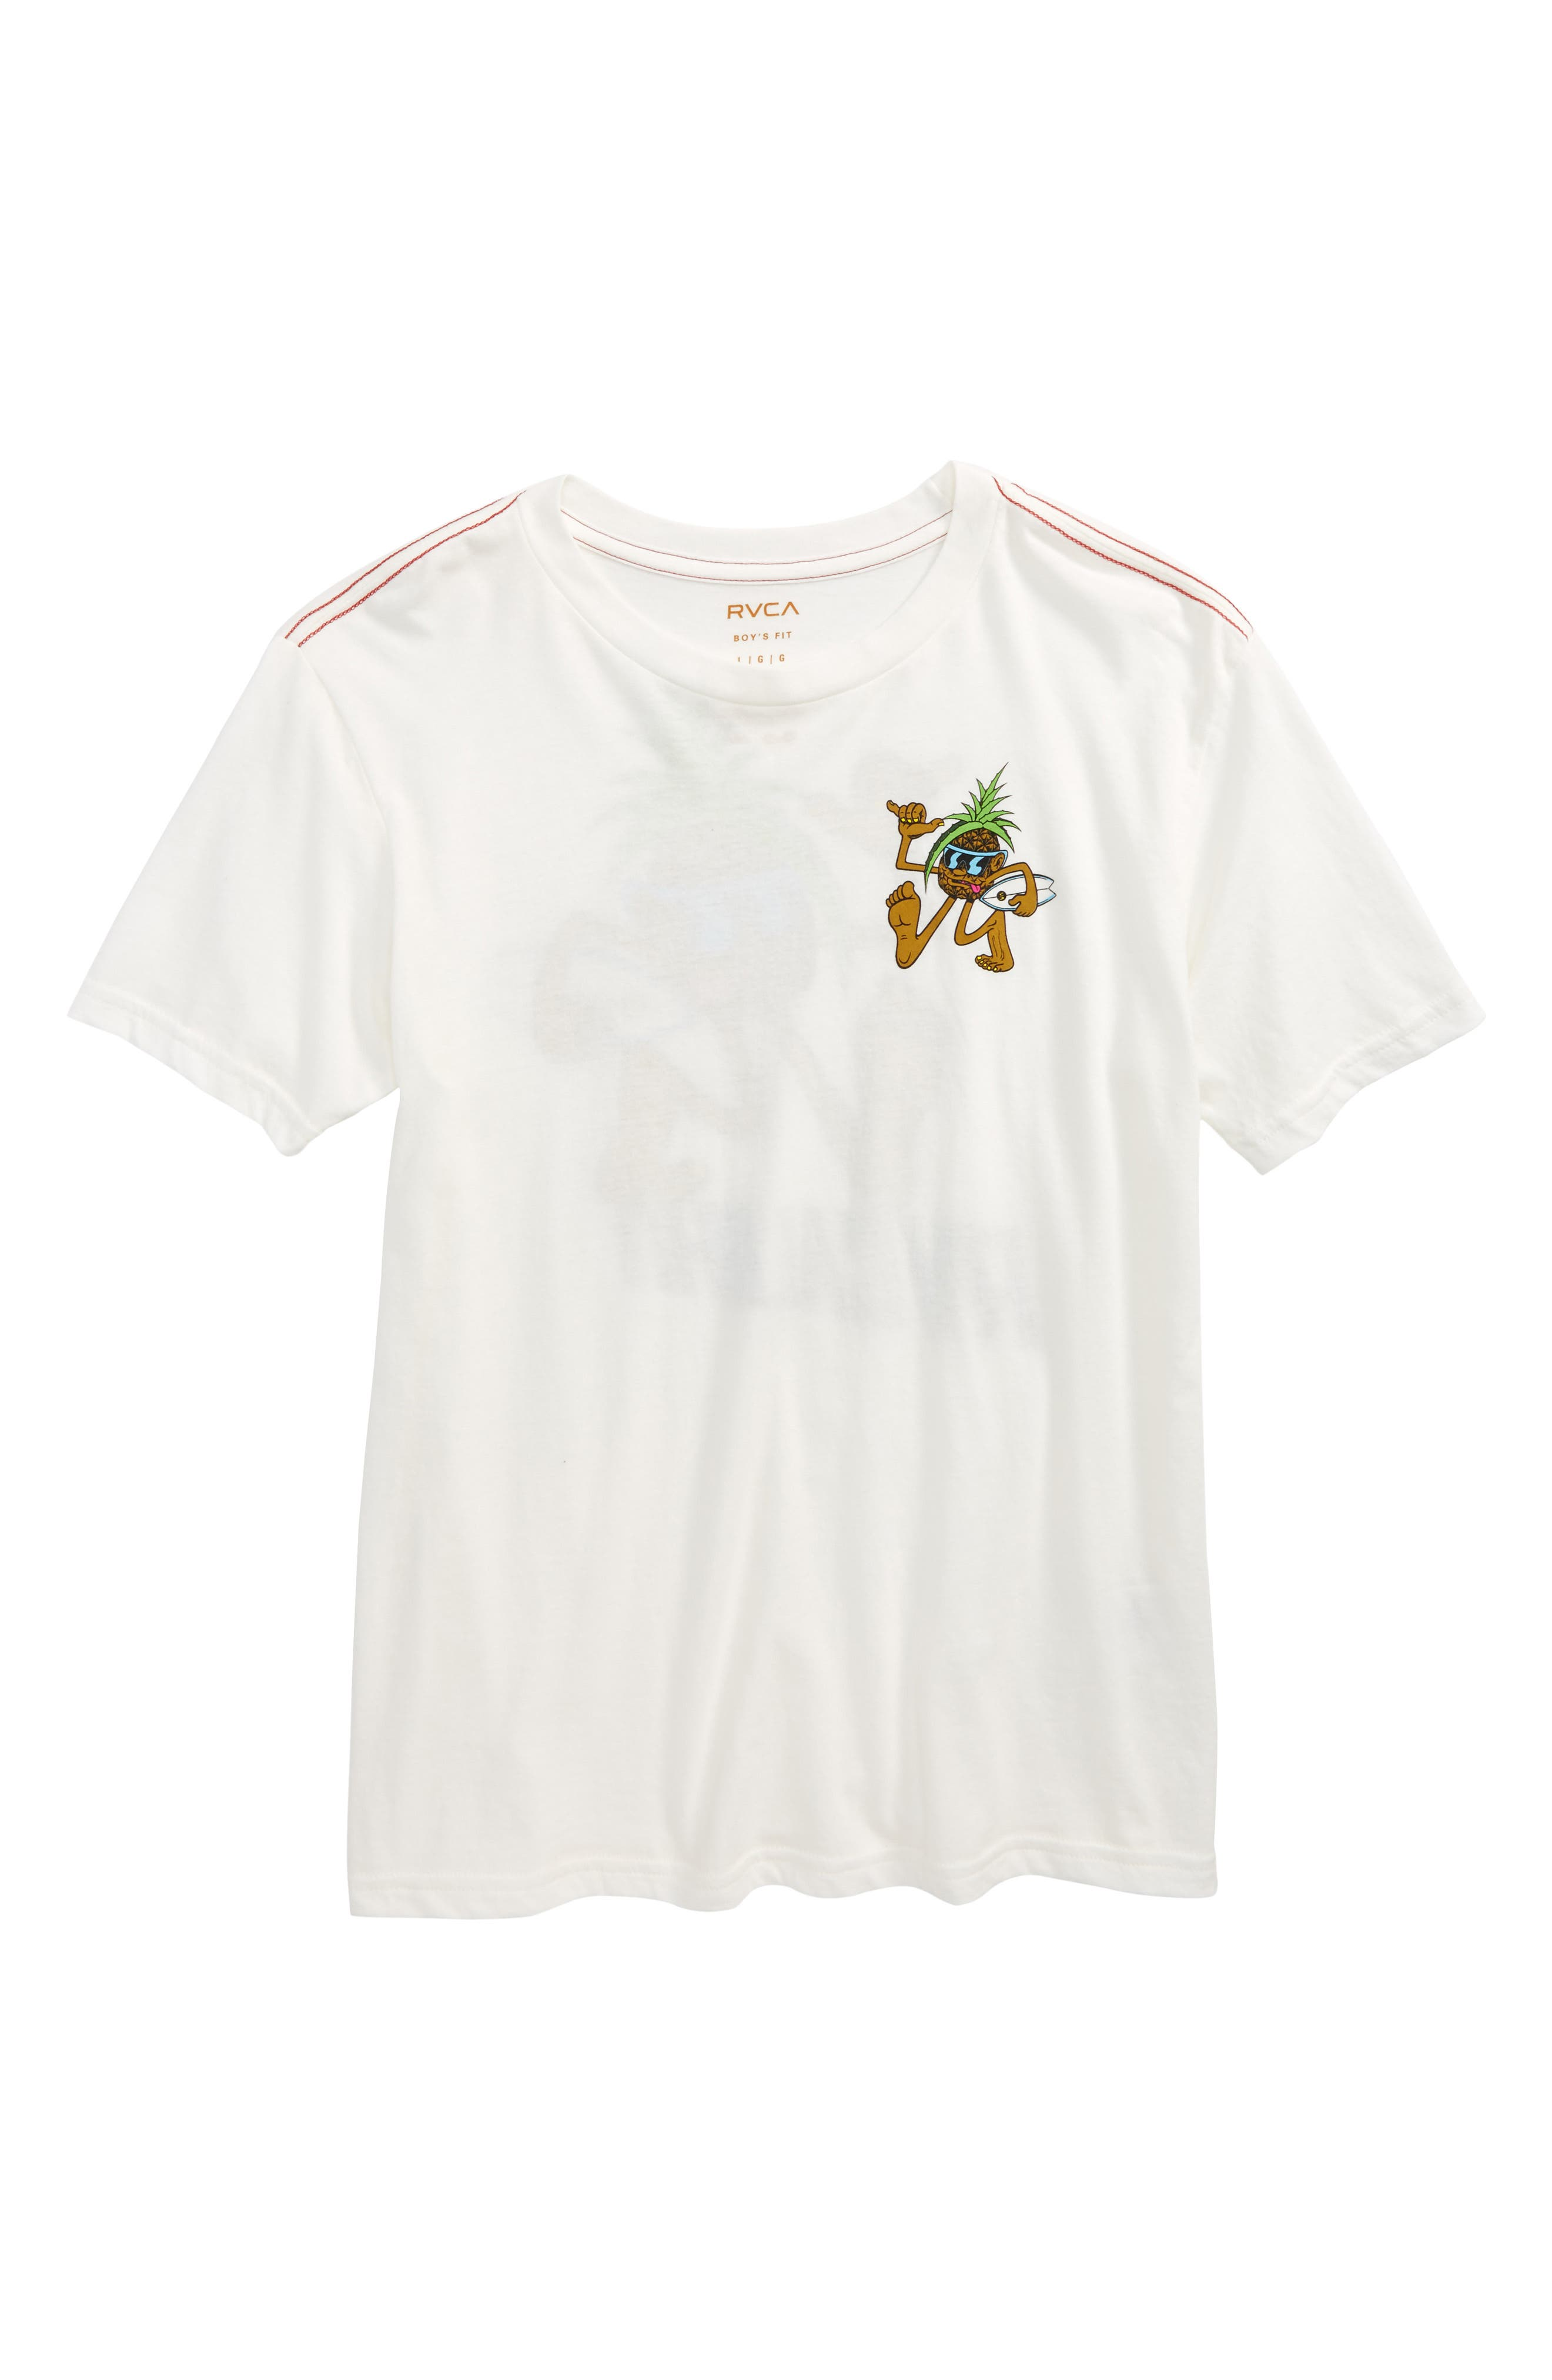 RVCA Aloha Pineapple Graphic T-Shirt (Big Boys)